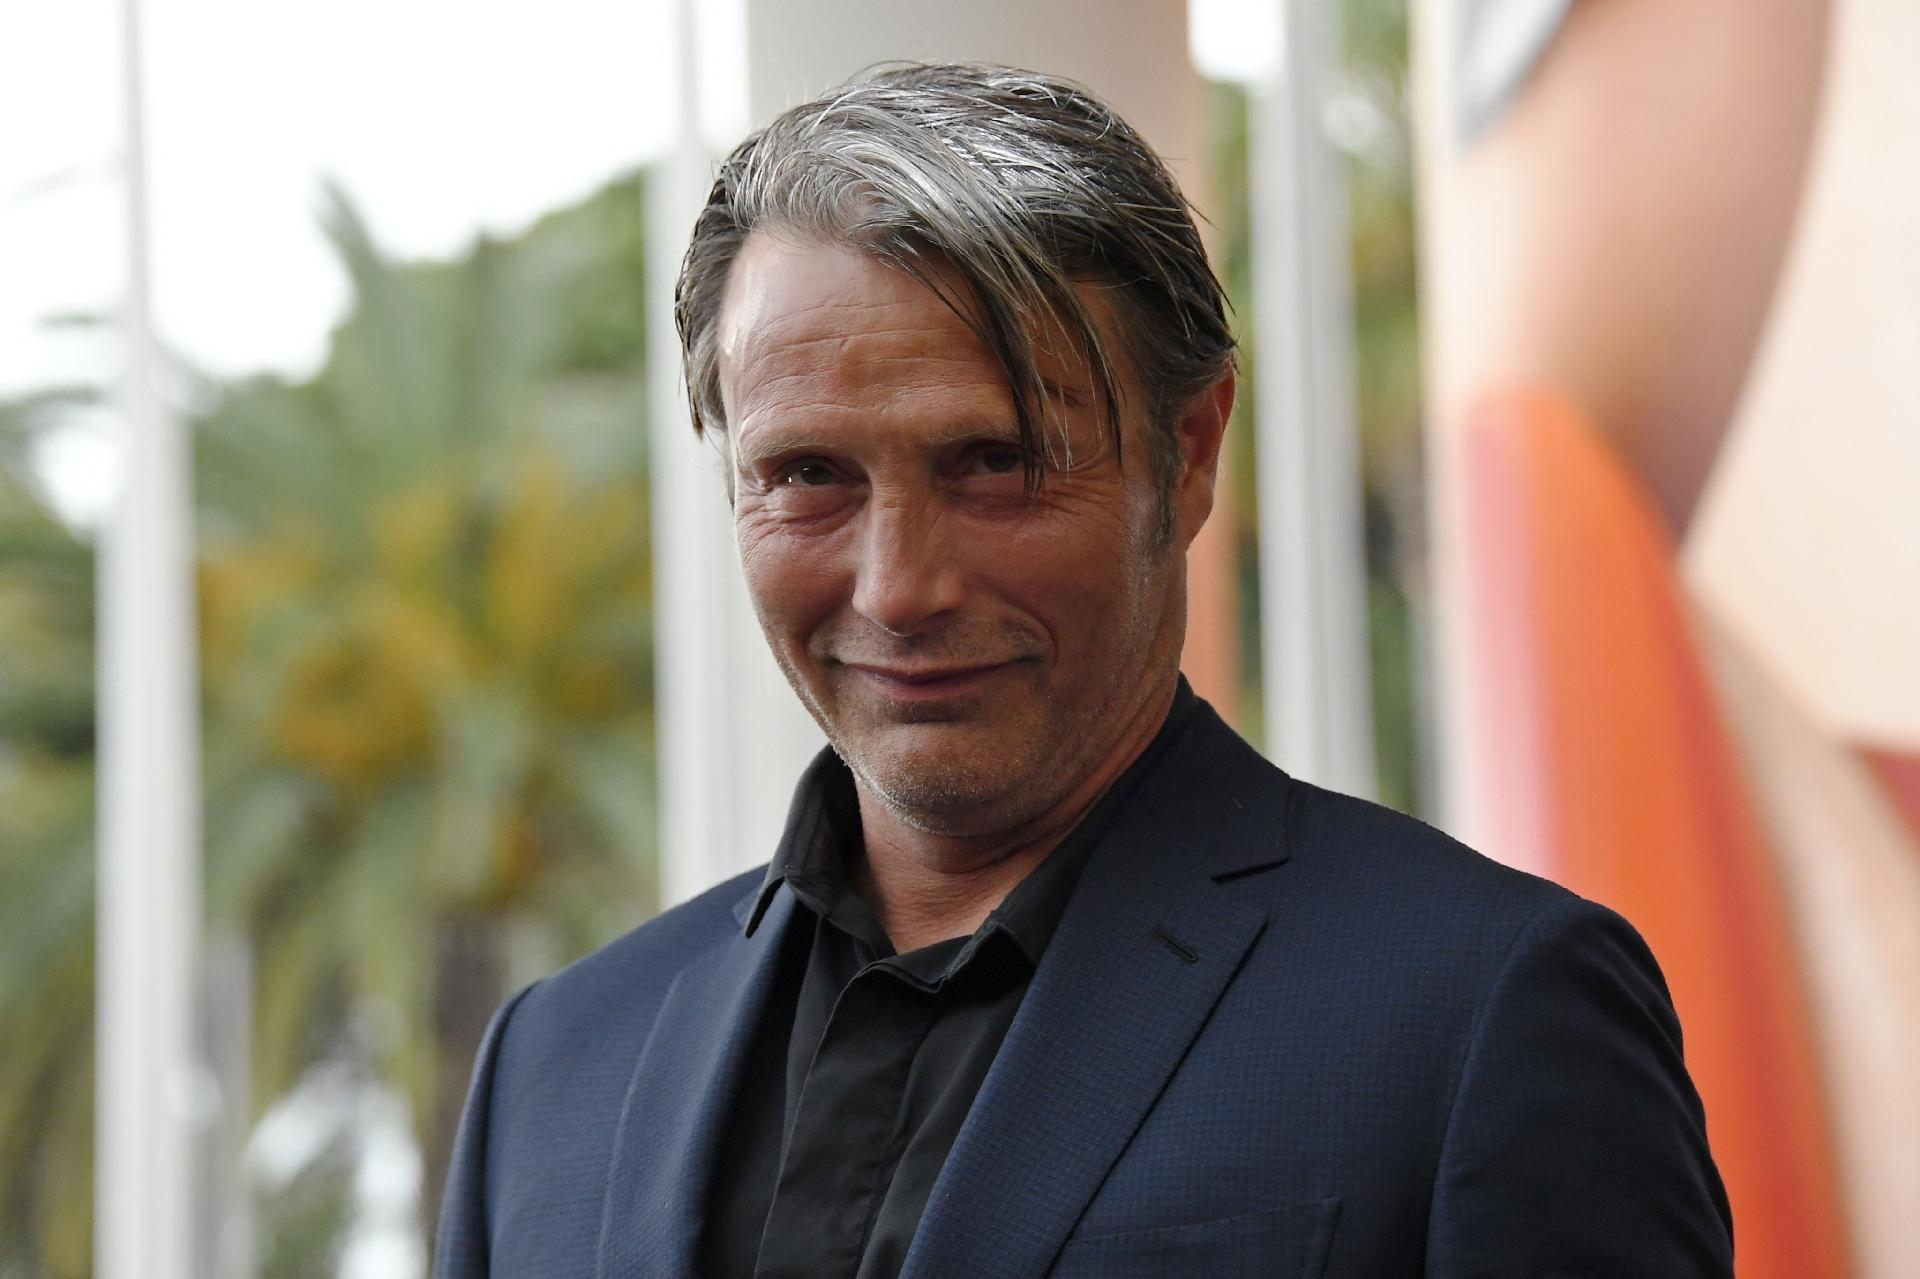 Warner confirma Mads Mikkelsen como substituto de Johnny Depp